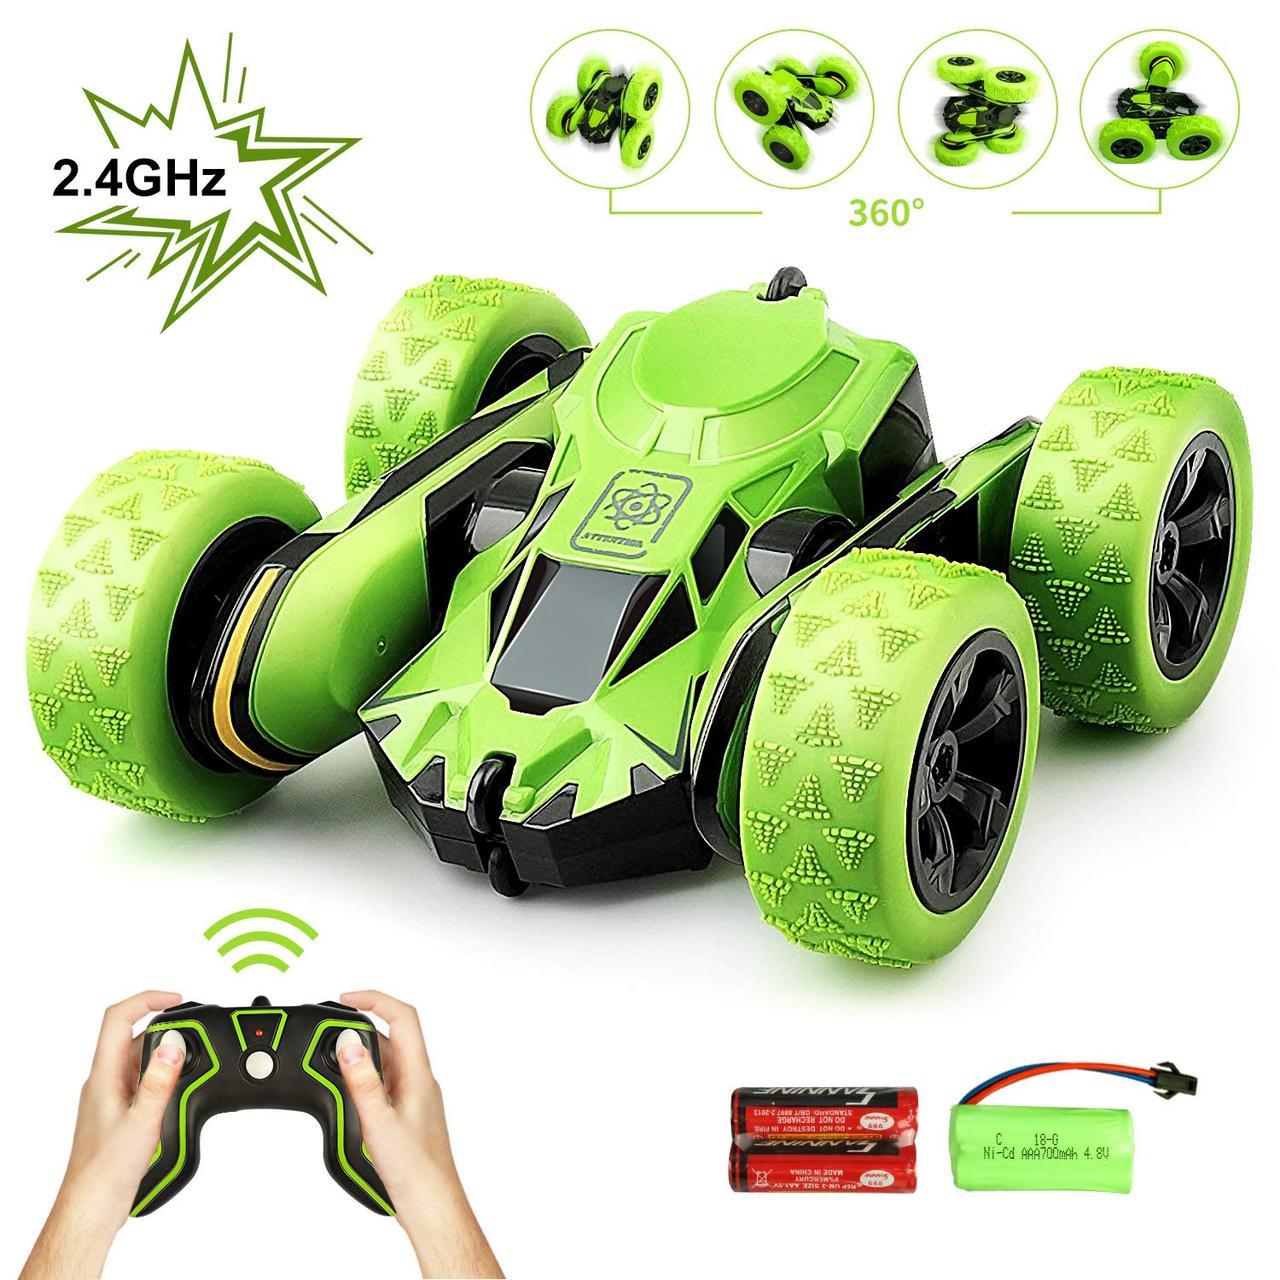 Іграшковий гоночний автомобіль Stunt Atom Max